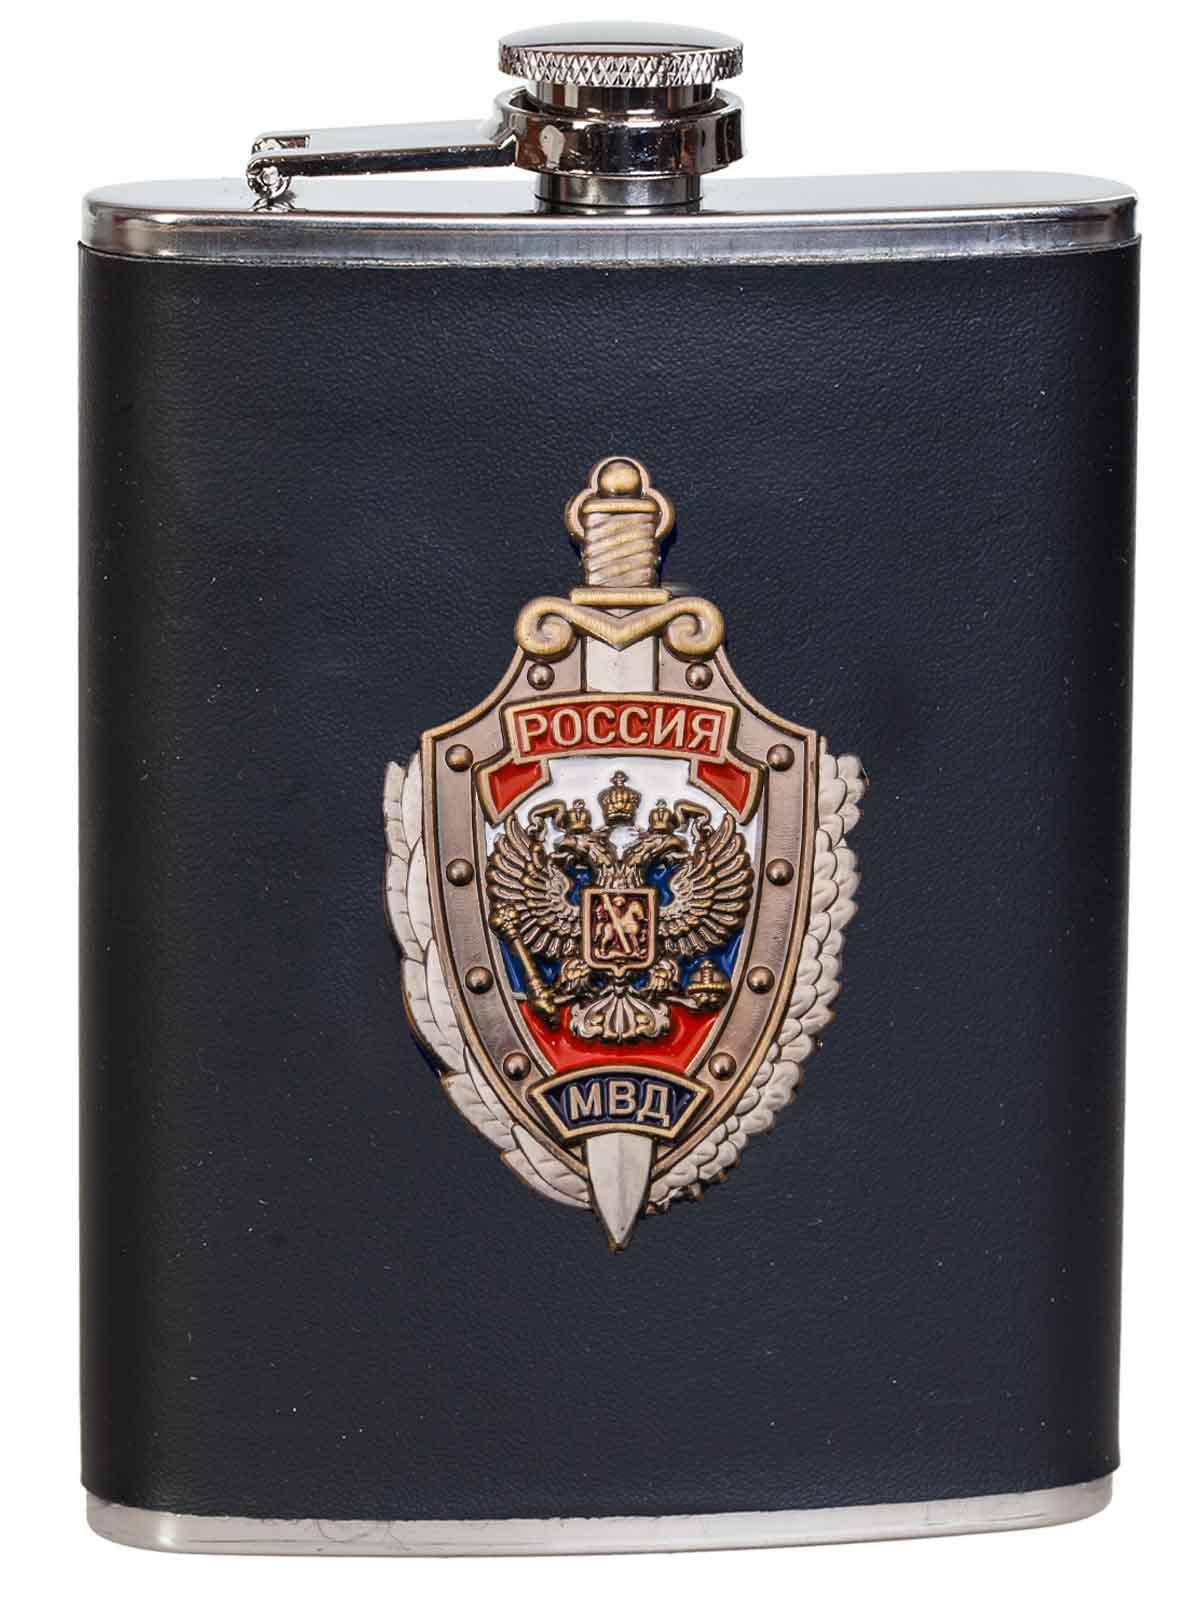 Классная подарочная фляжка сотруднику МВД России